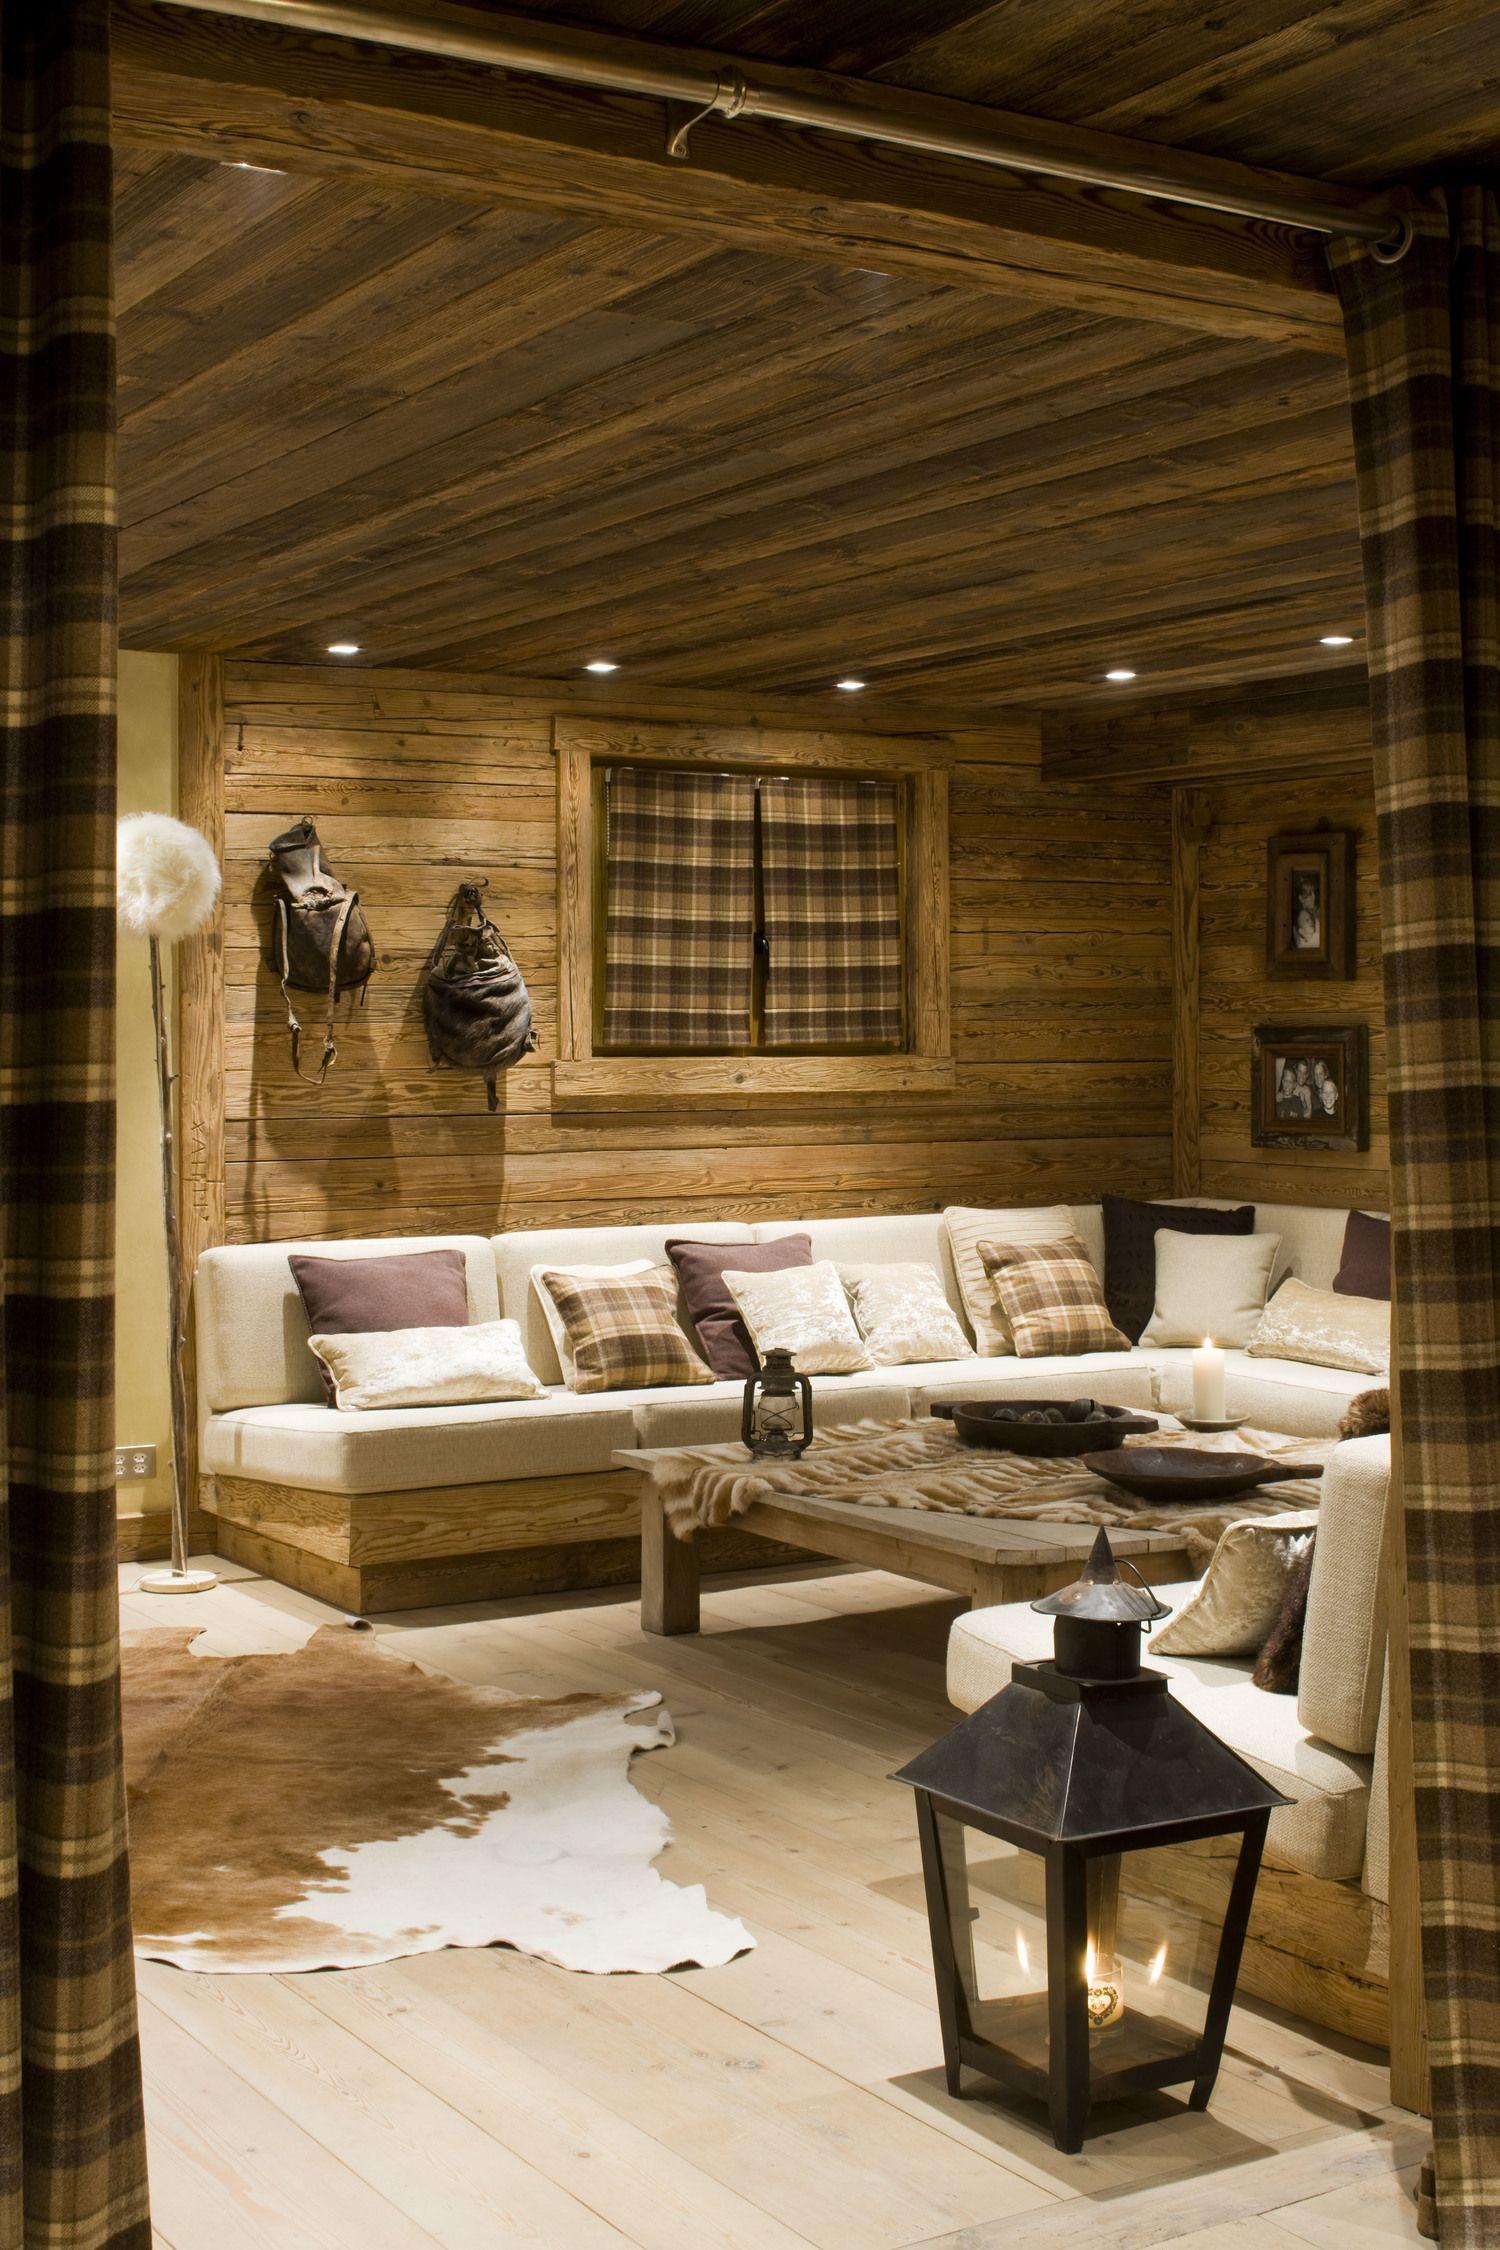 pingl par yves pannatier sur chalet design rustique pinterest. Black Bedroom Furniture Sets. Home Design Ideas